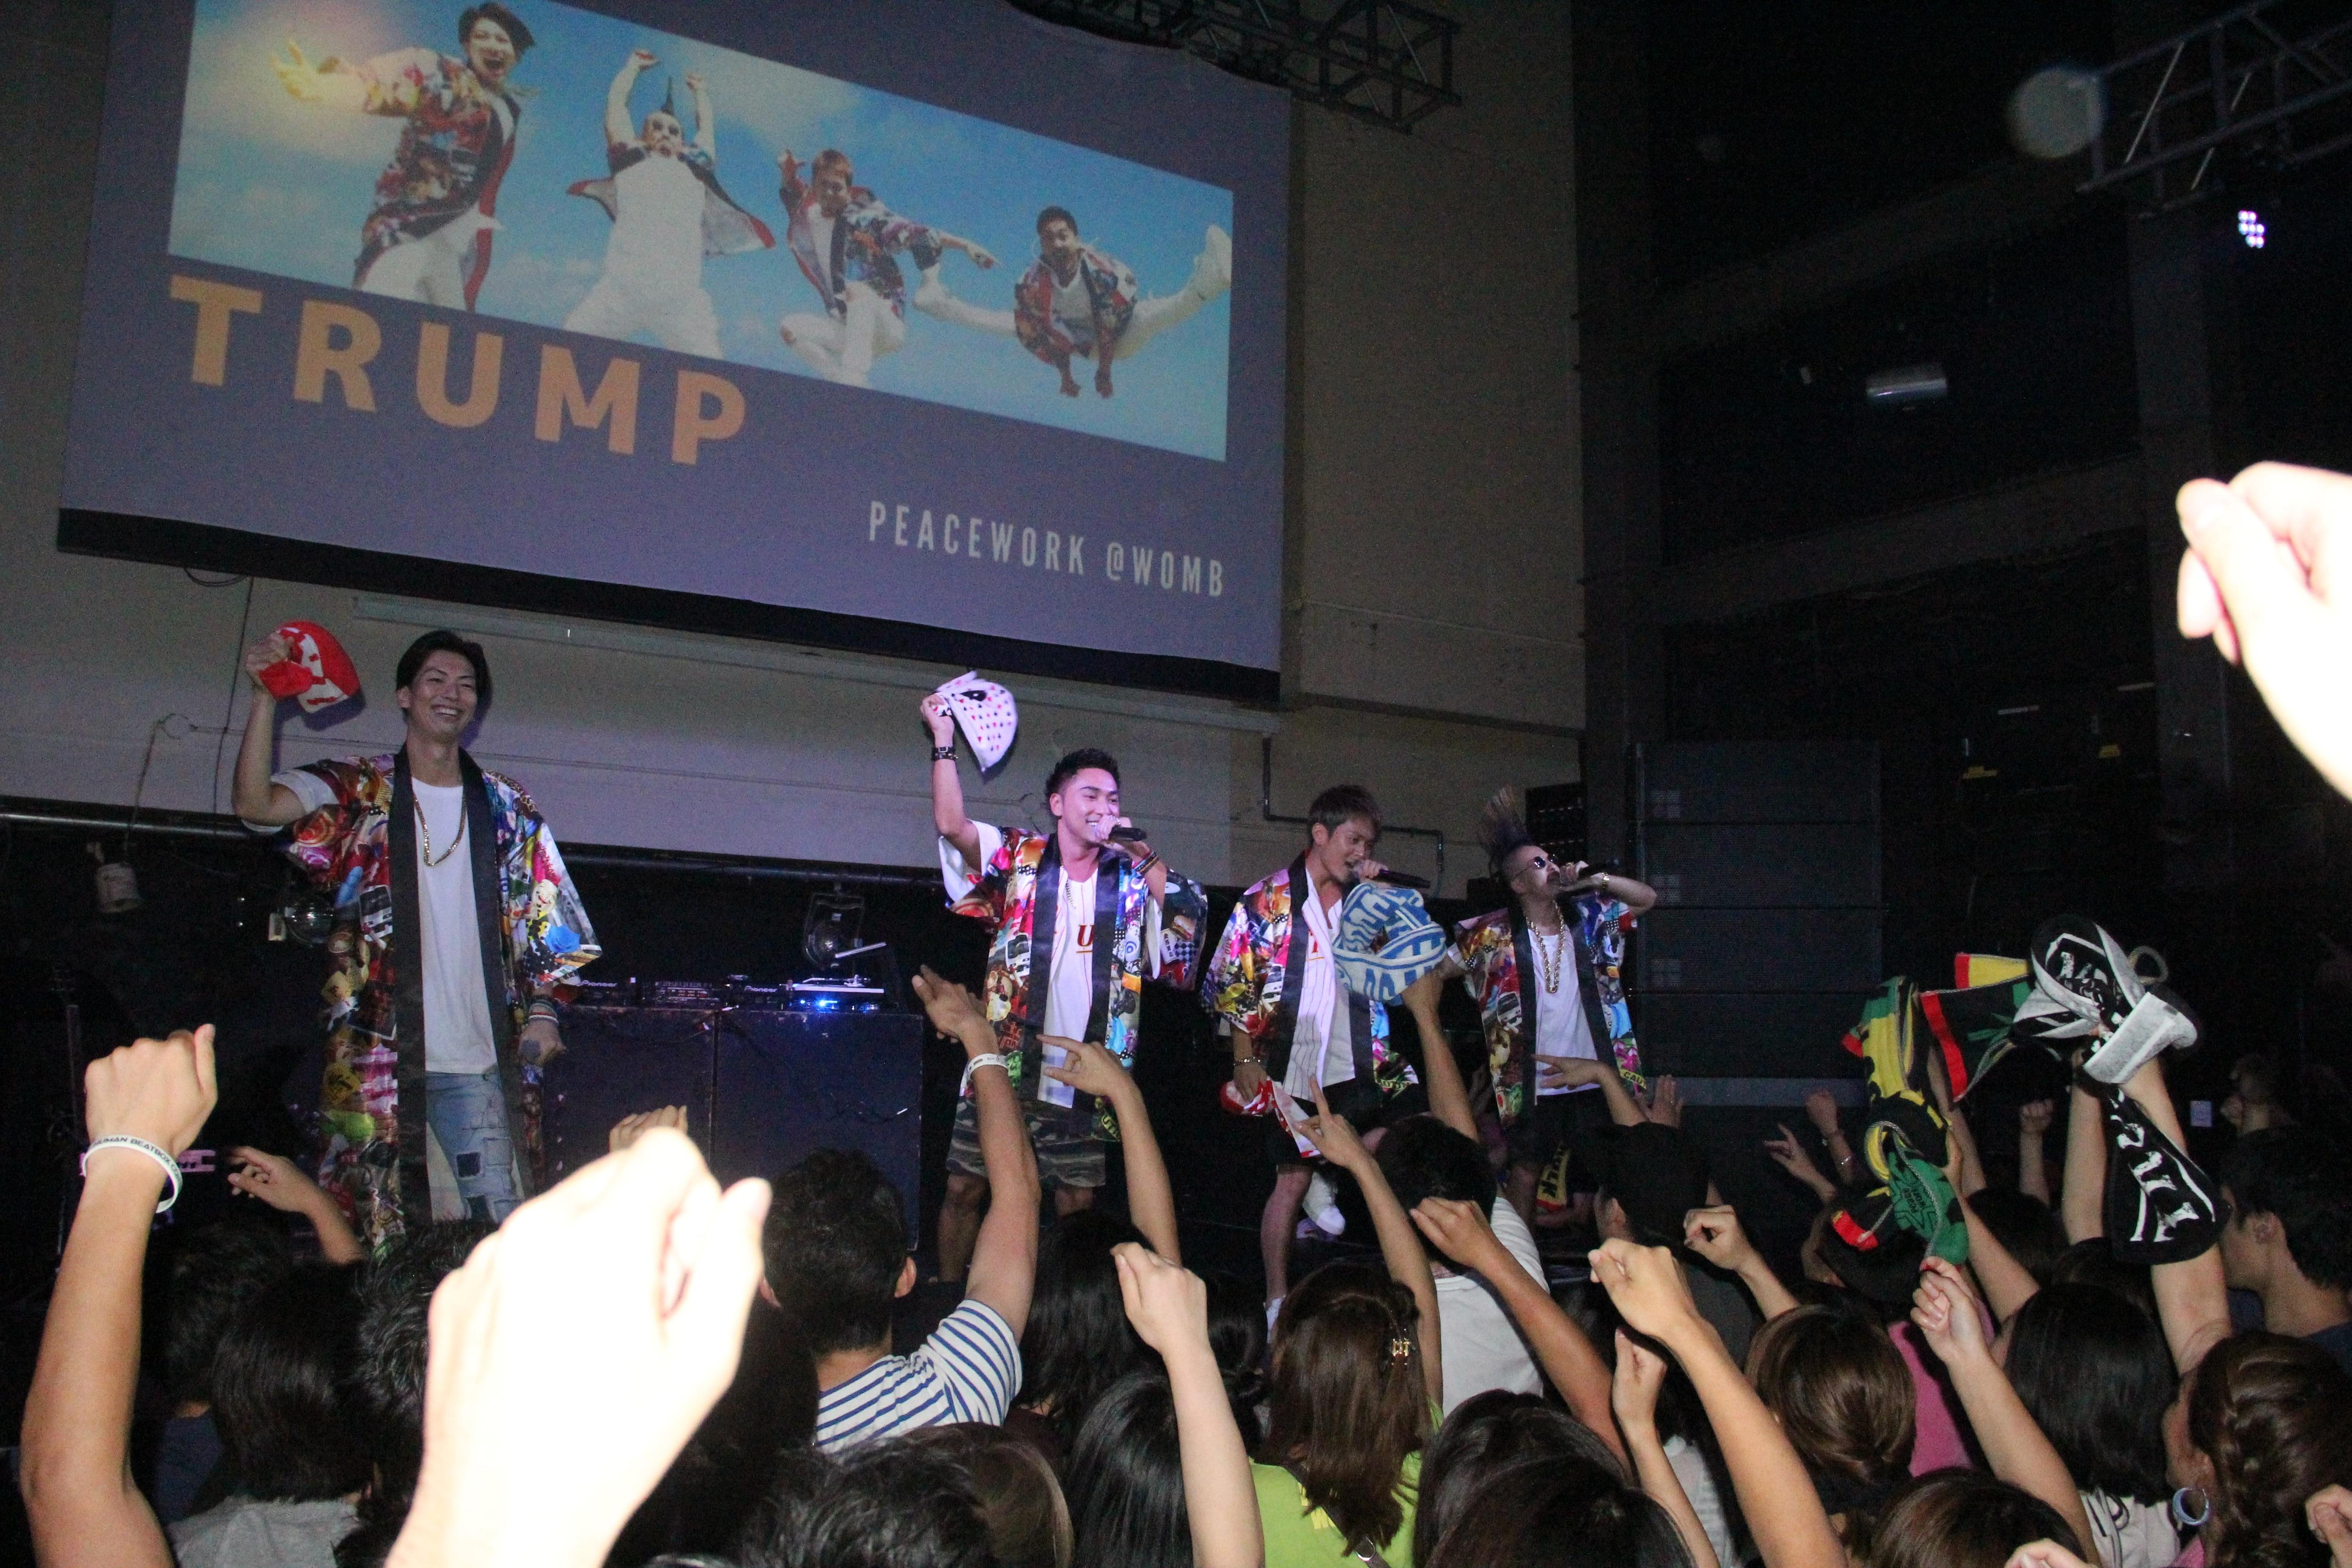 【店頭払い専用】★11/23 (金) 20:00〜23:30 ★『 PeaceWork 〜Special guest:TRUMP 〜』のイメージその1